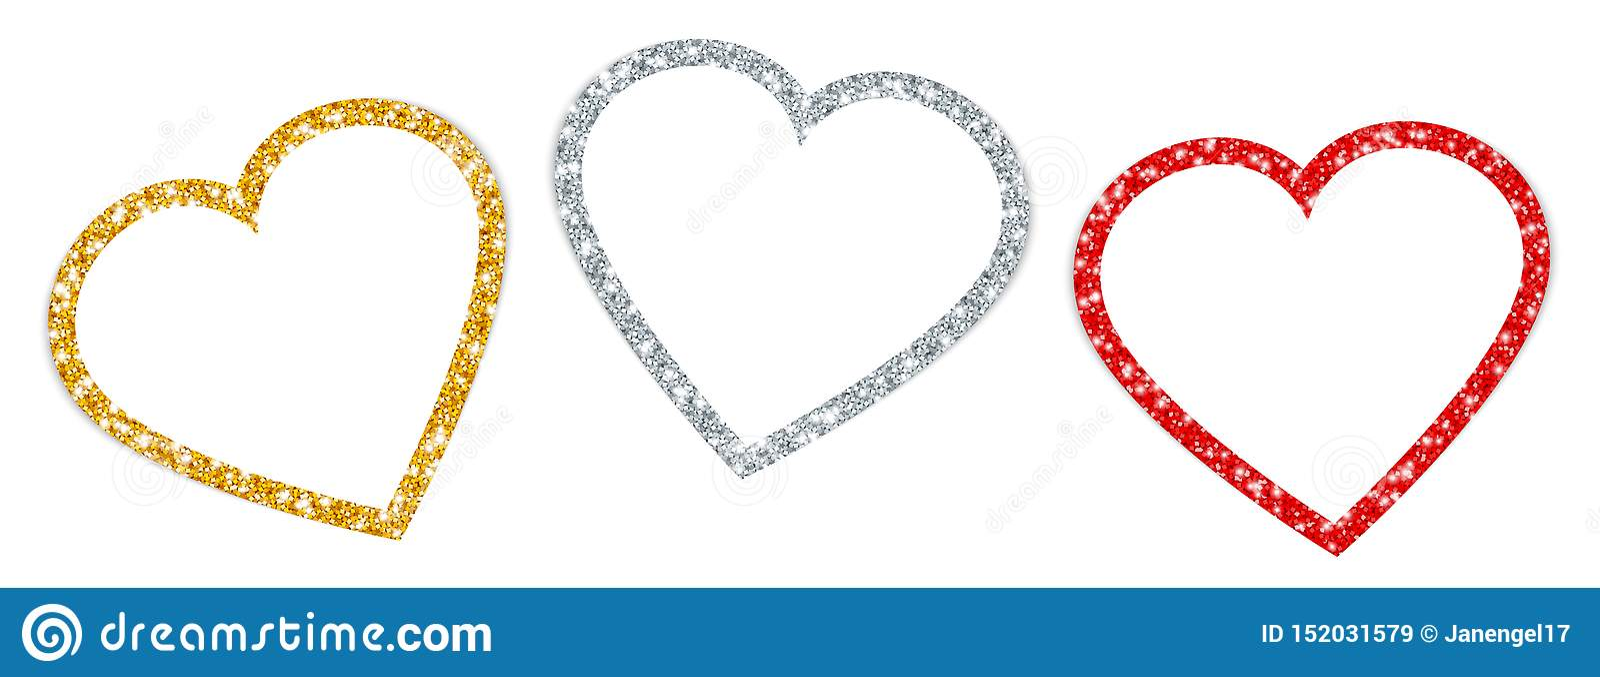 Stellen Sie drei gedrehte Herzen gestalten funkelndes Goldsilber-Rot ein